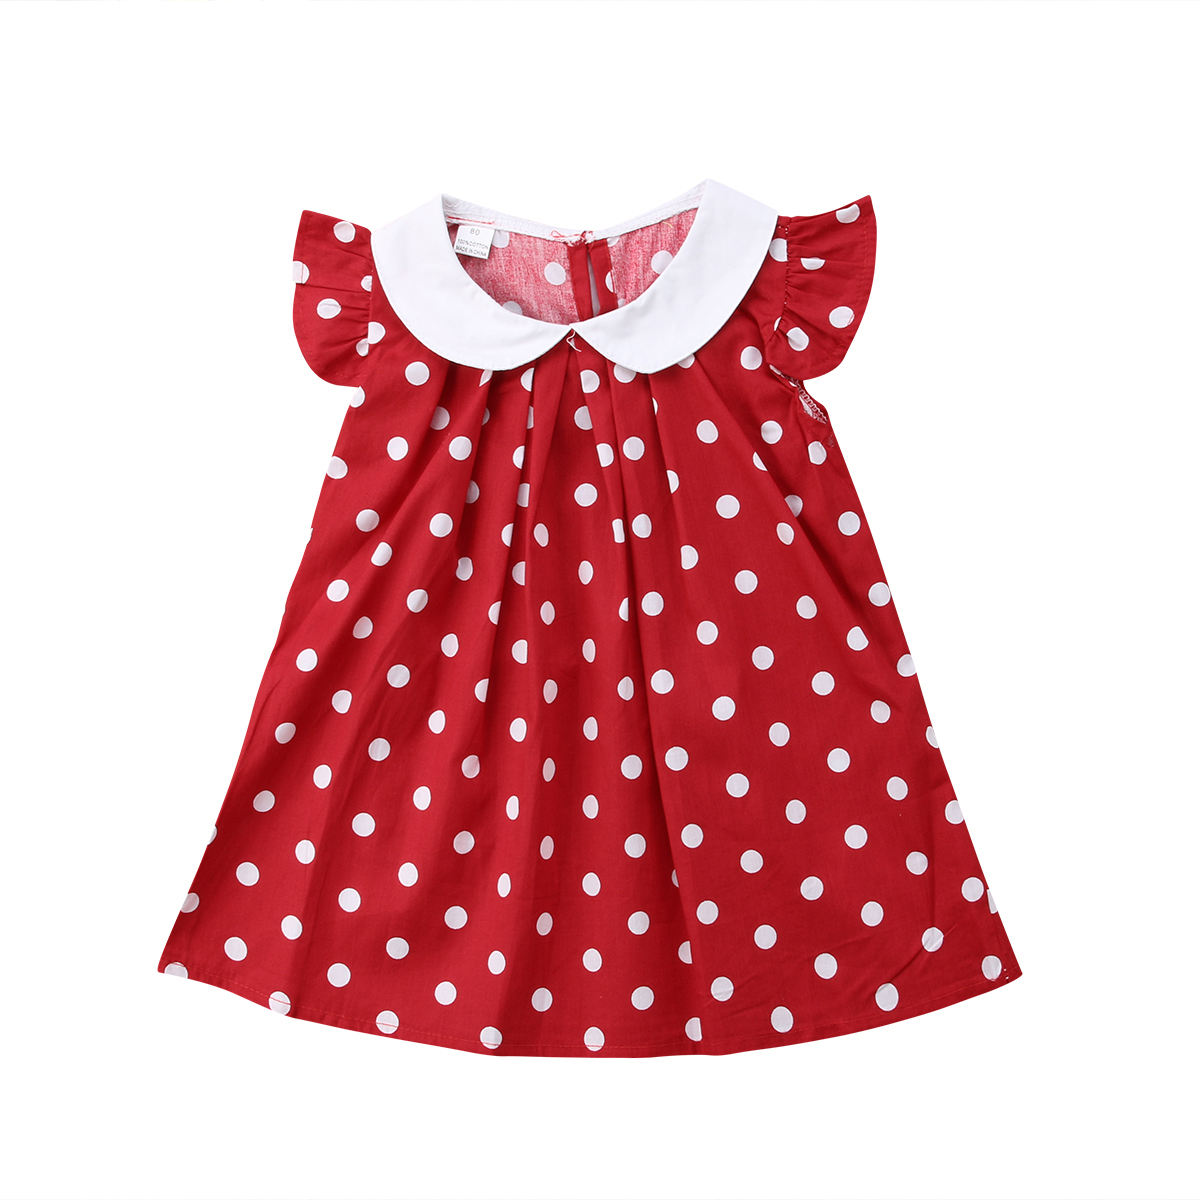 Princesa do bebê meninas dot vestido vermelho peter pan colarinho recém-nascido do bebê meninas patry vestido de aniversário 2018 novo